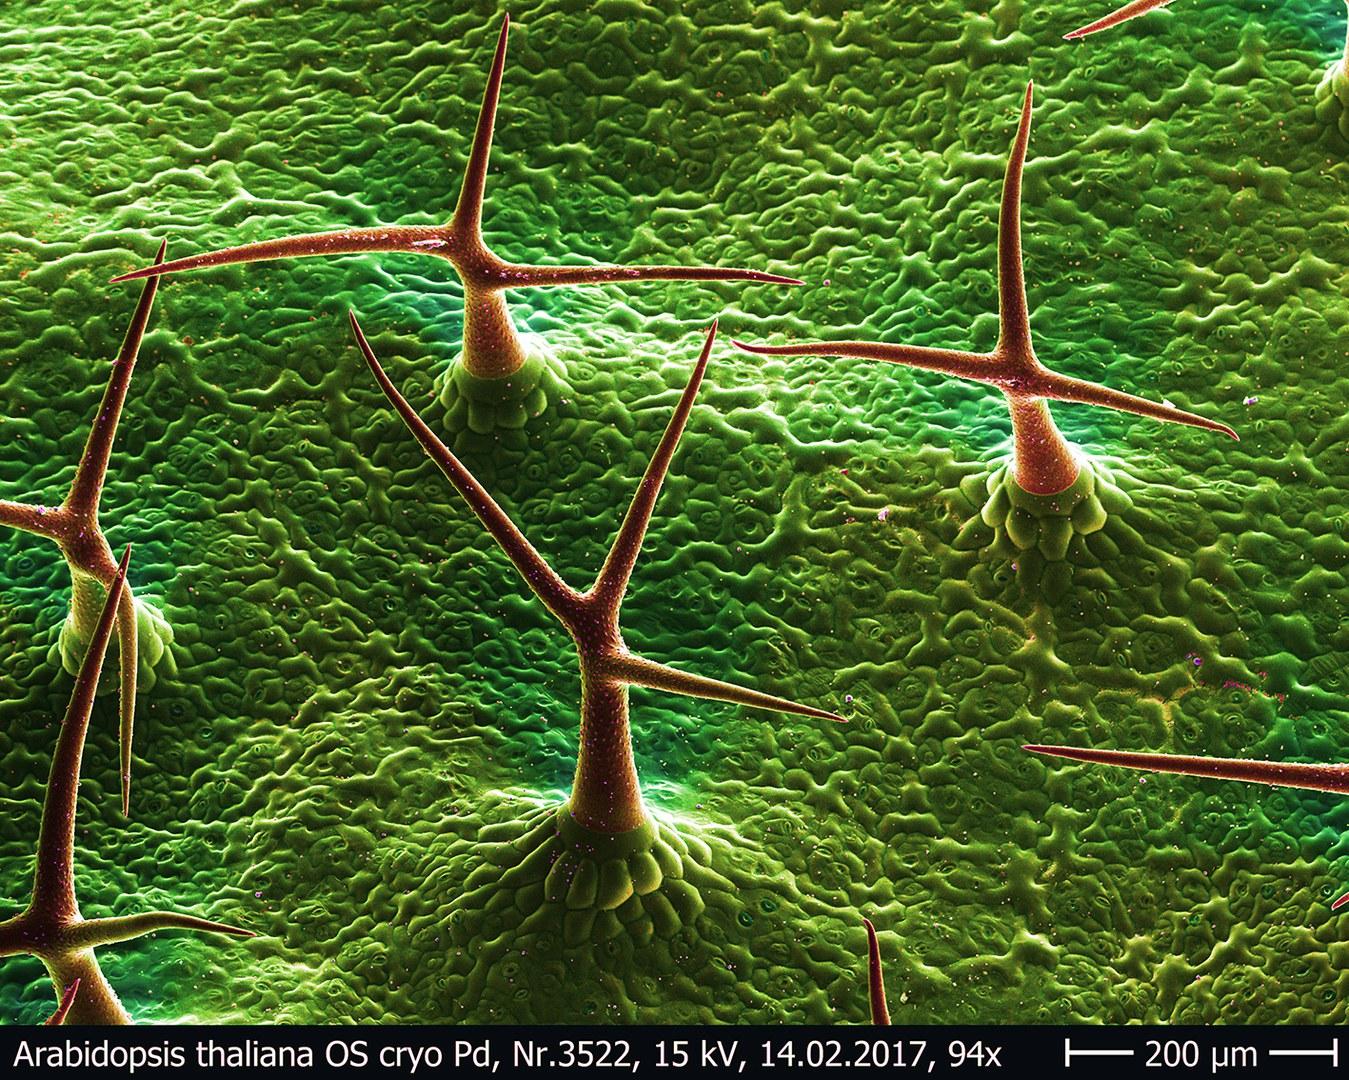 Mehrere Haare der Ackerschmalwand (Arabidopsis thaliana):